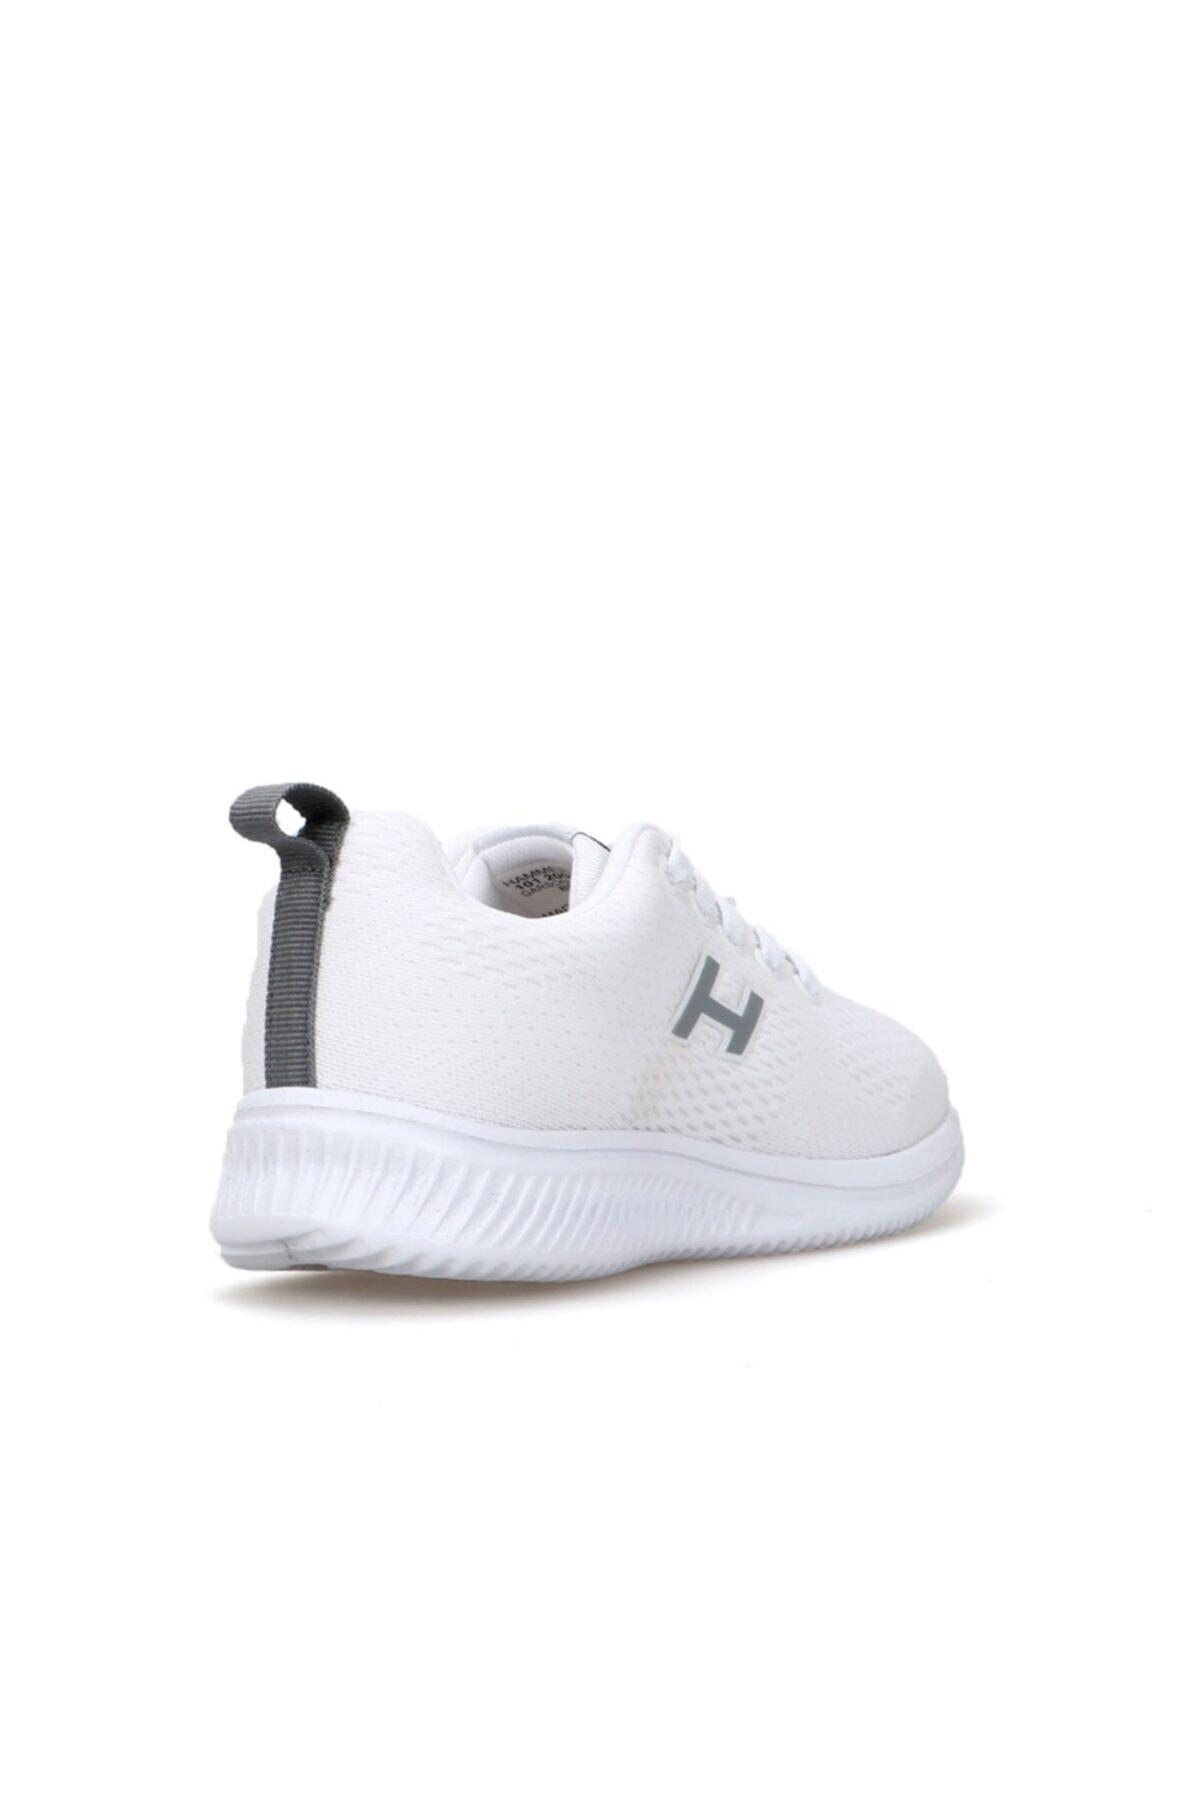 Hammer Jack Kadın Beyaz Sneaker Ayakkabı 101 20012-g 2